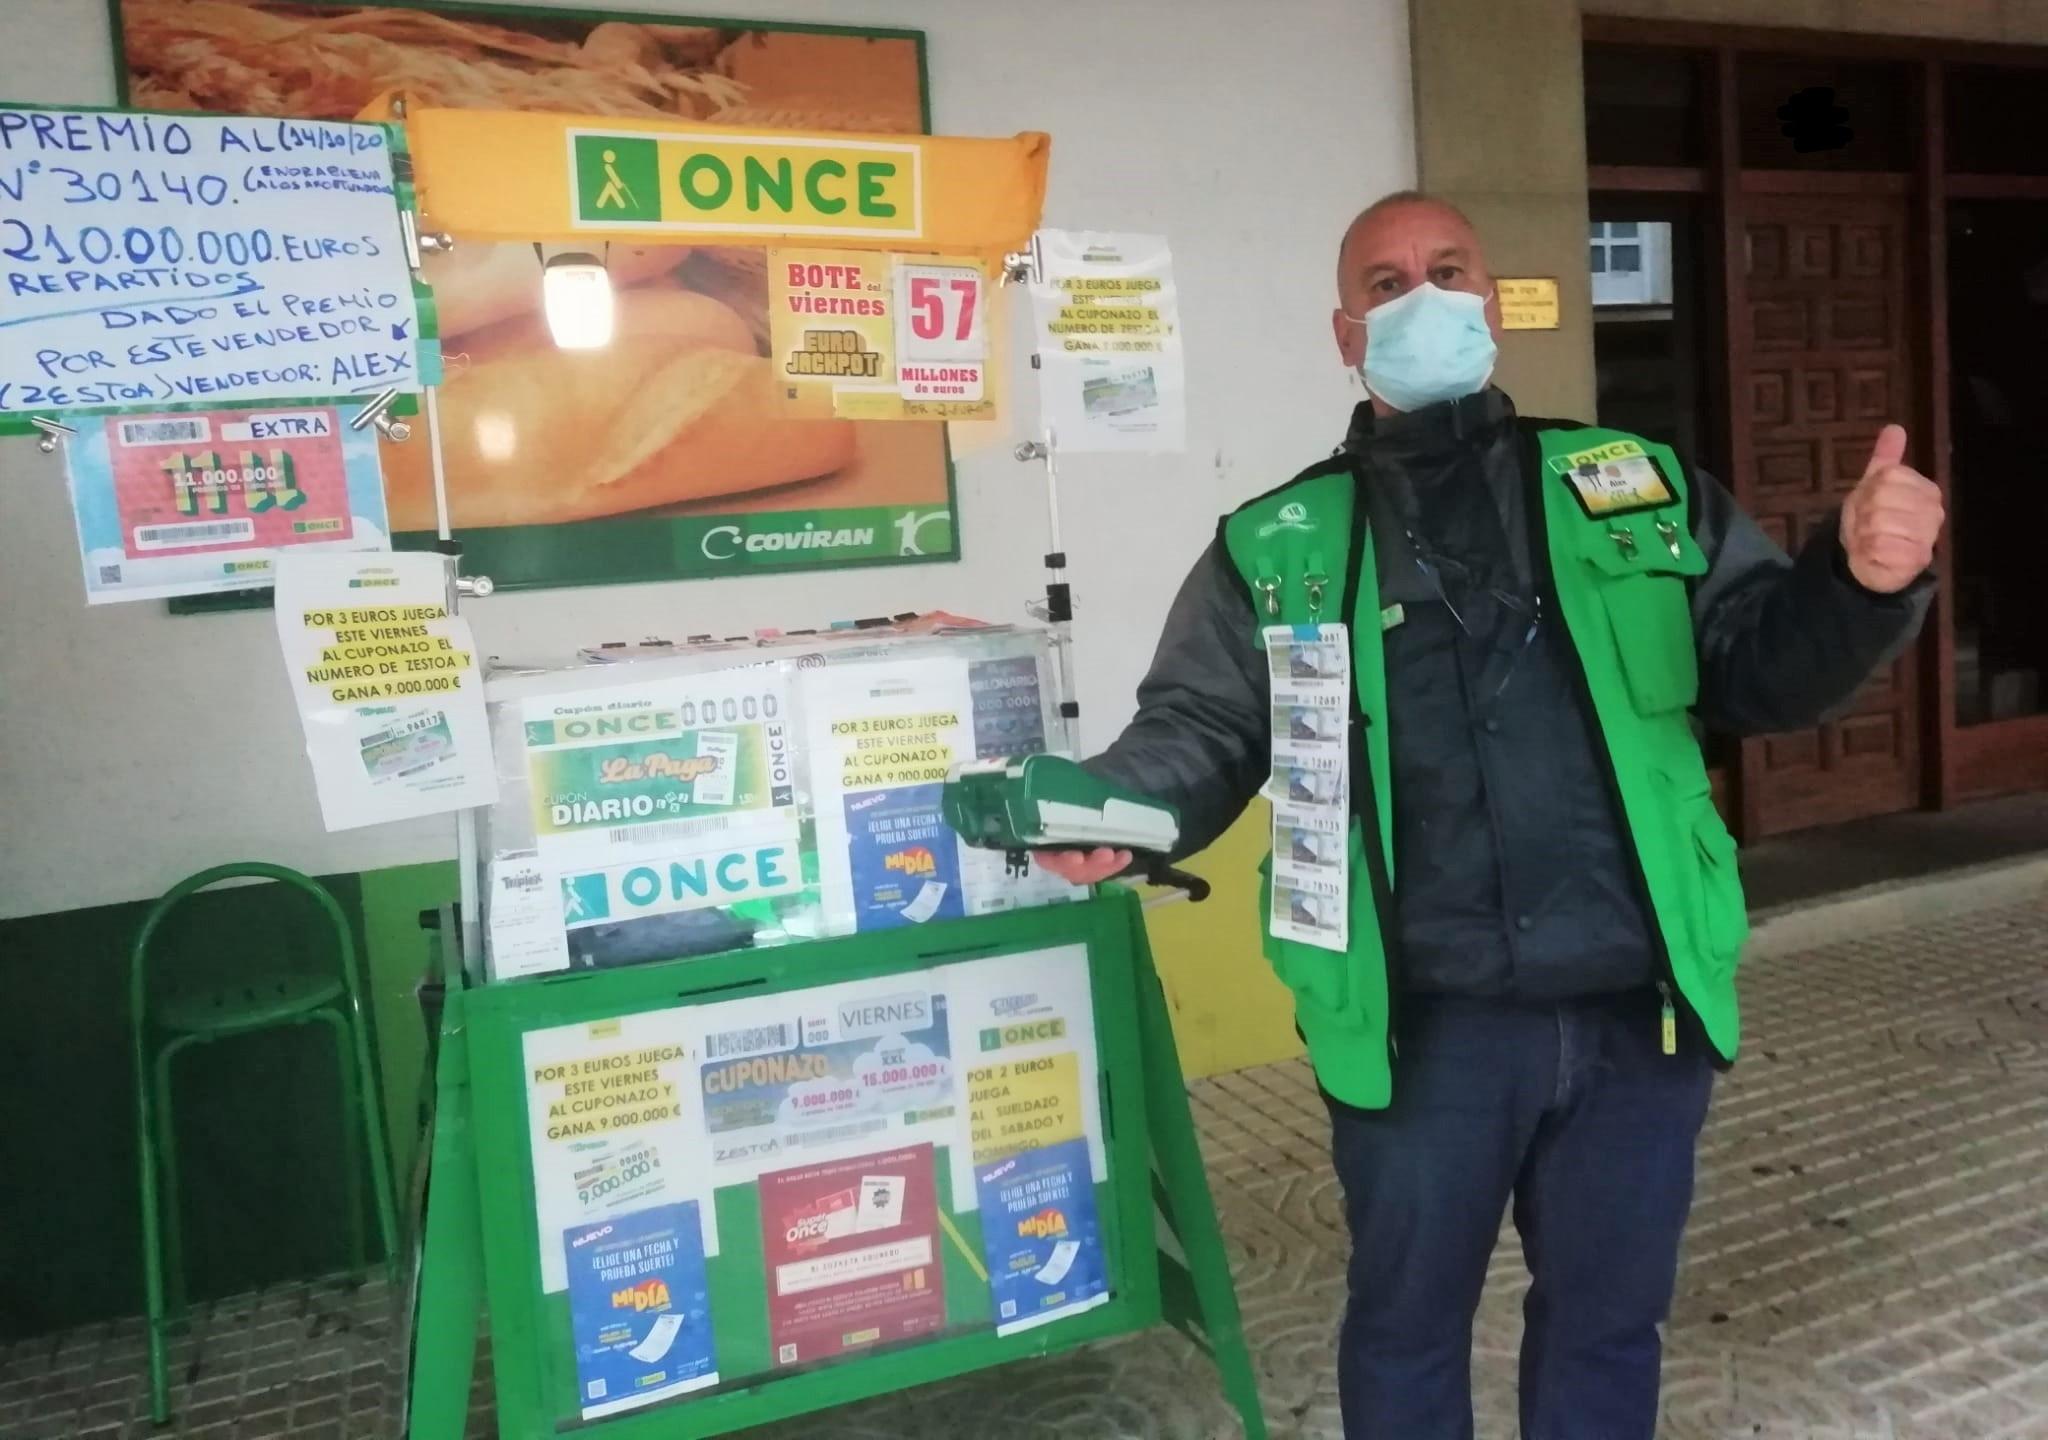 El vendedor Alejandro Acevedo que ha repartido suerte en Azpeitia y Zestoa. Foto: ONCE